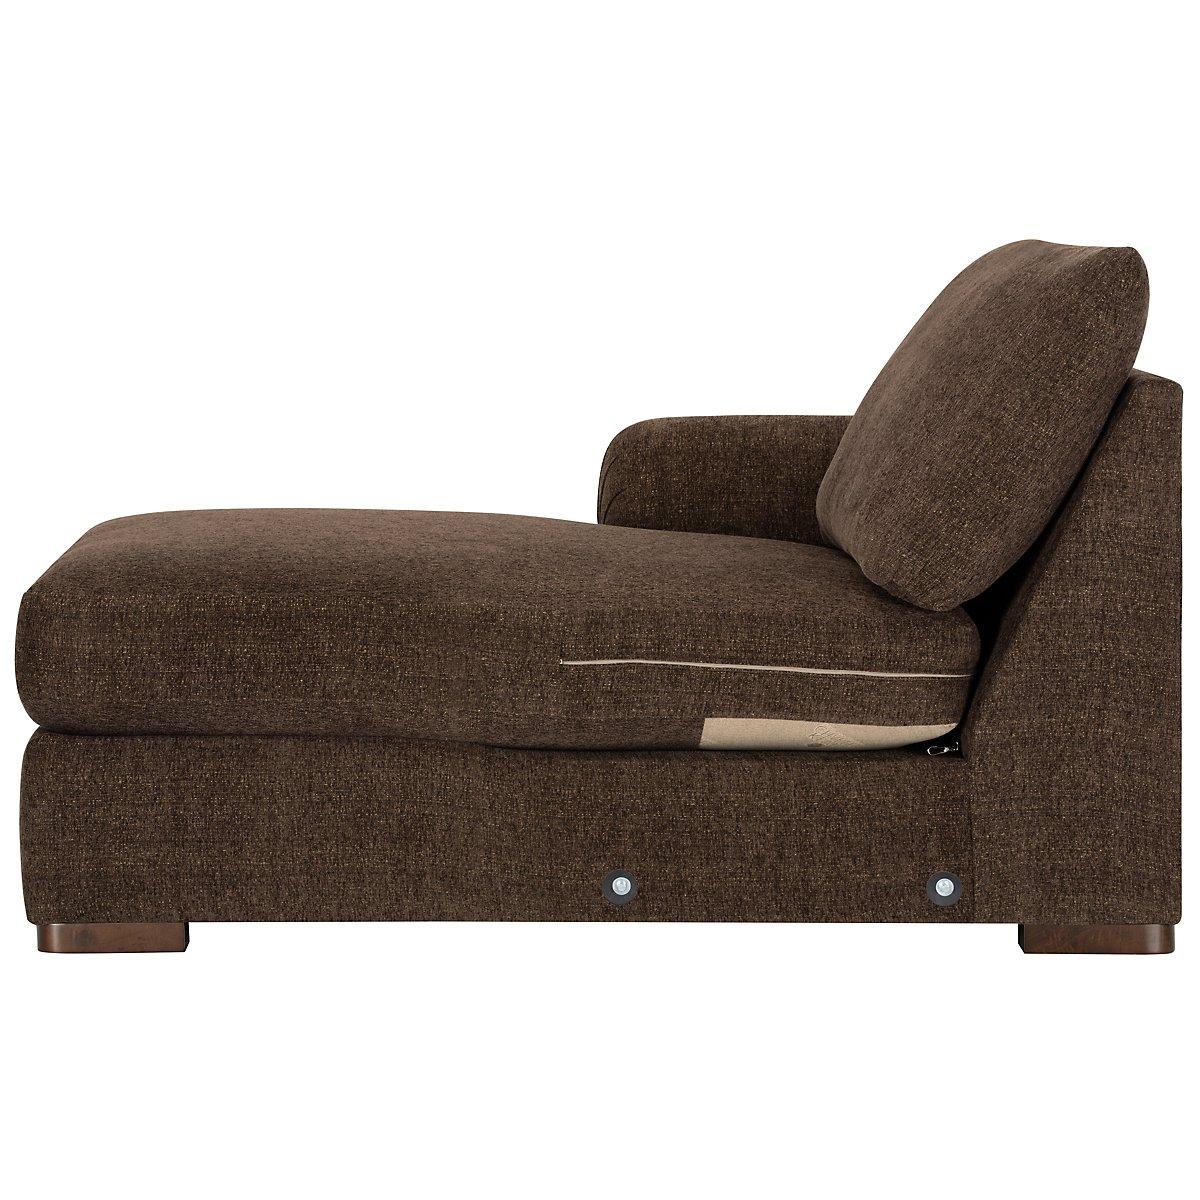 City furniture belair dk brown microfiber left chaise for Brown microfiber chaise lounger